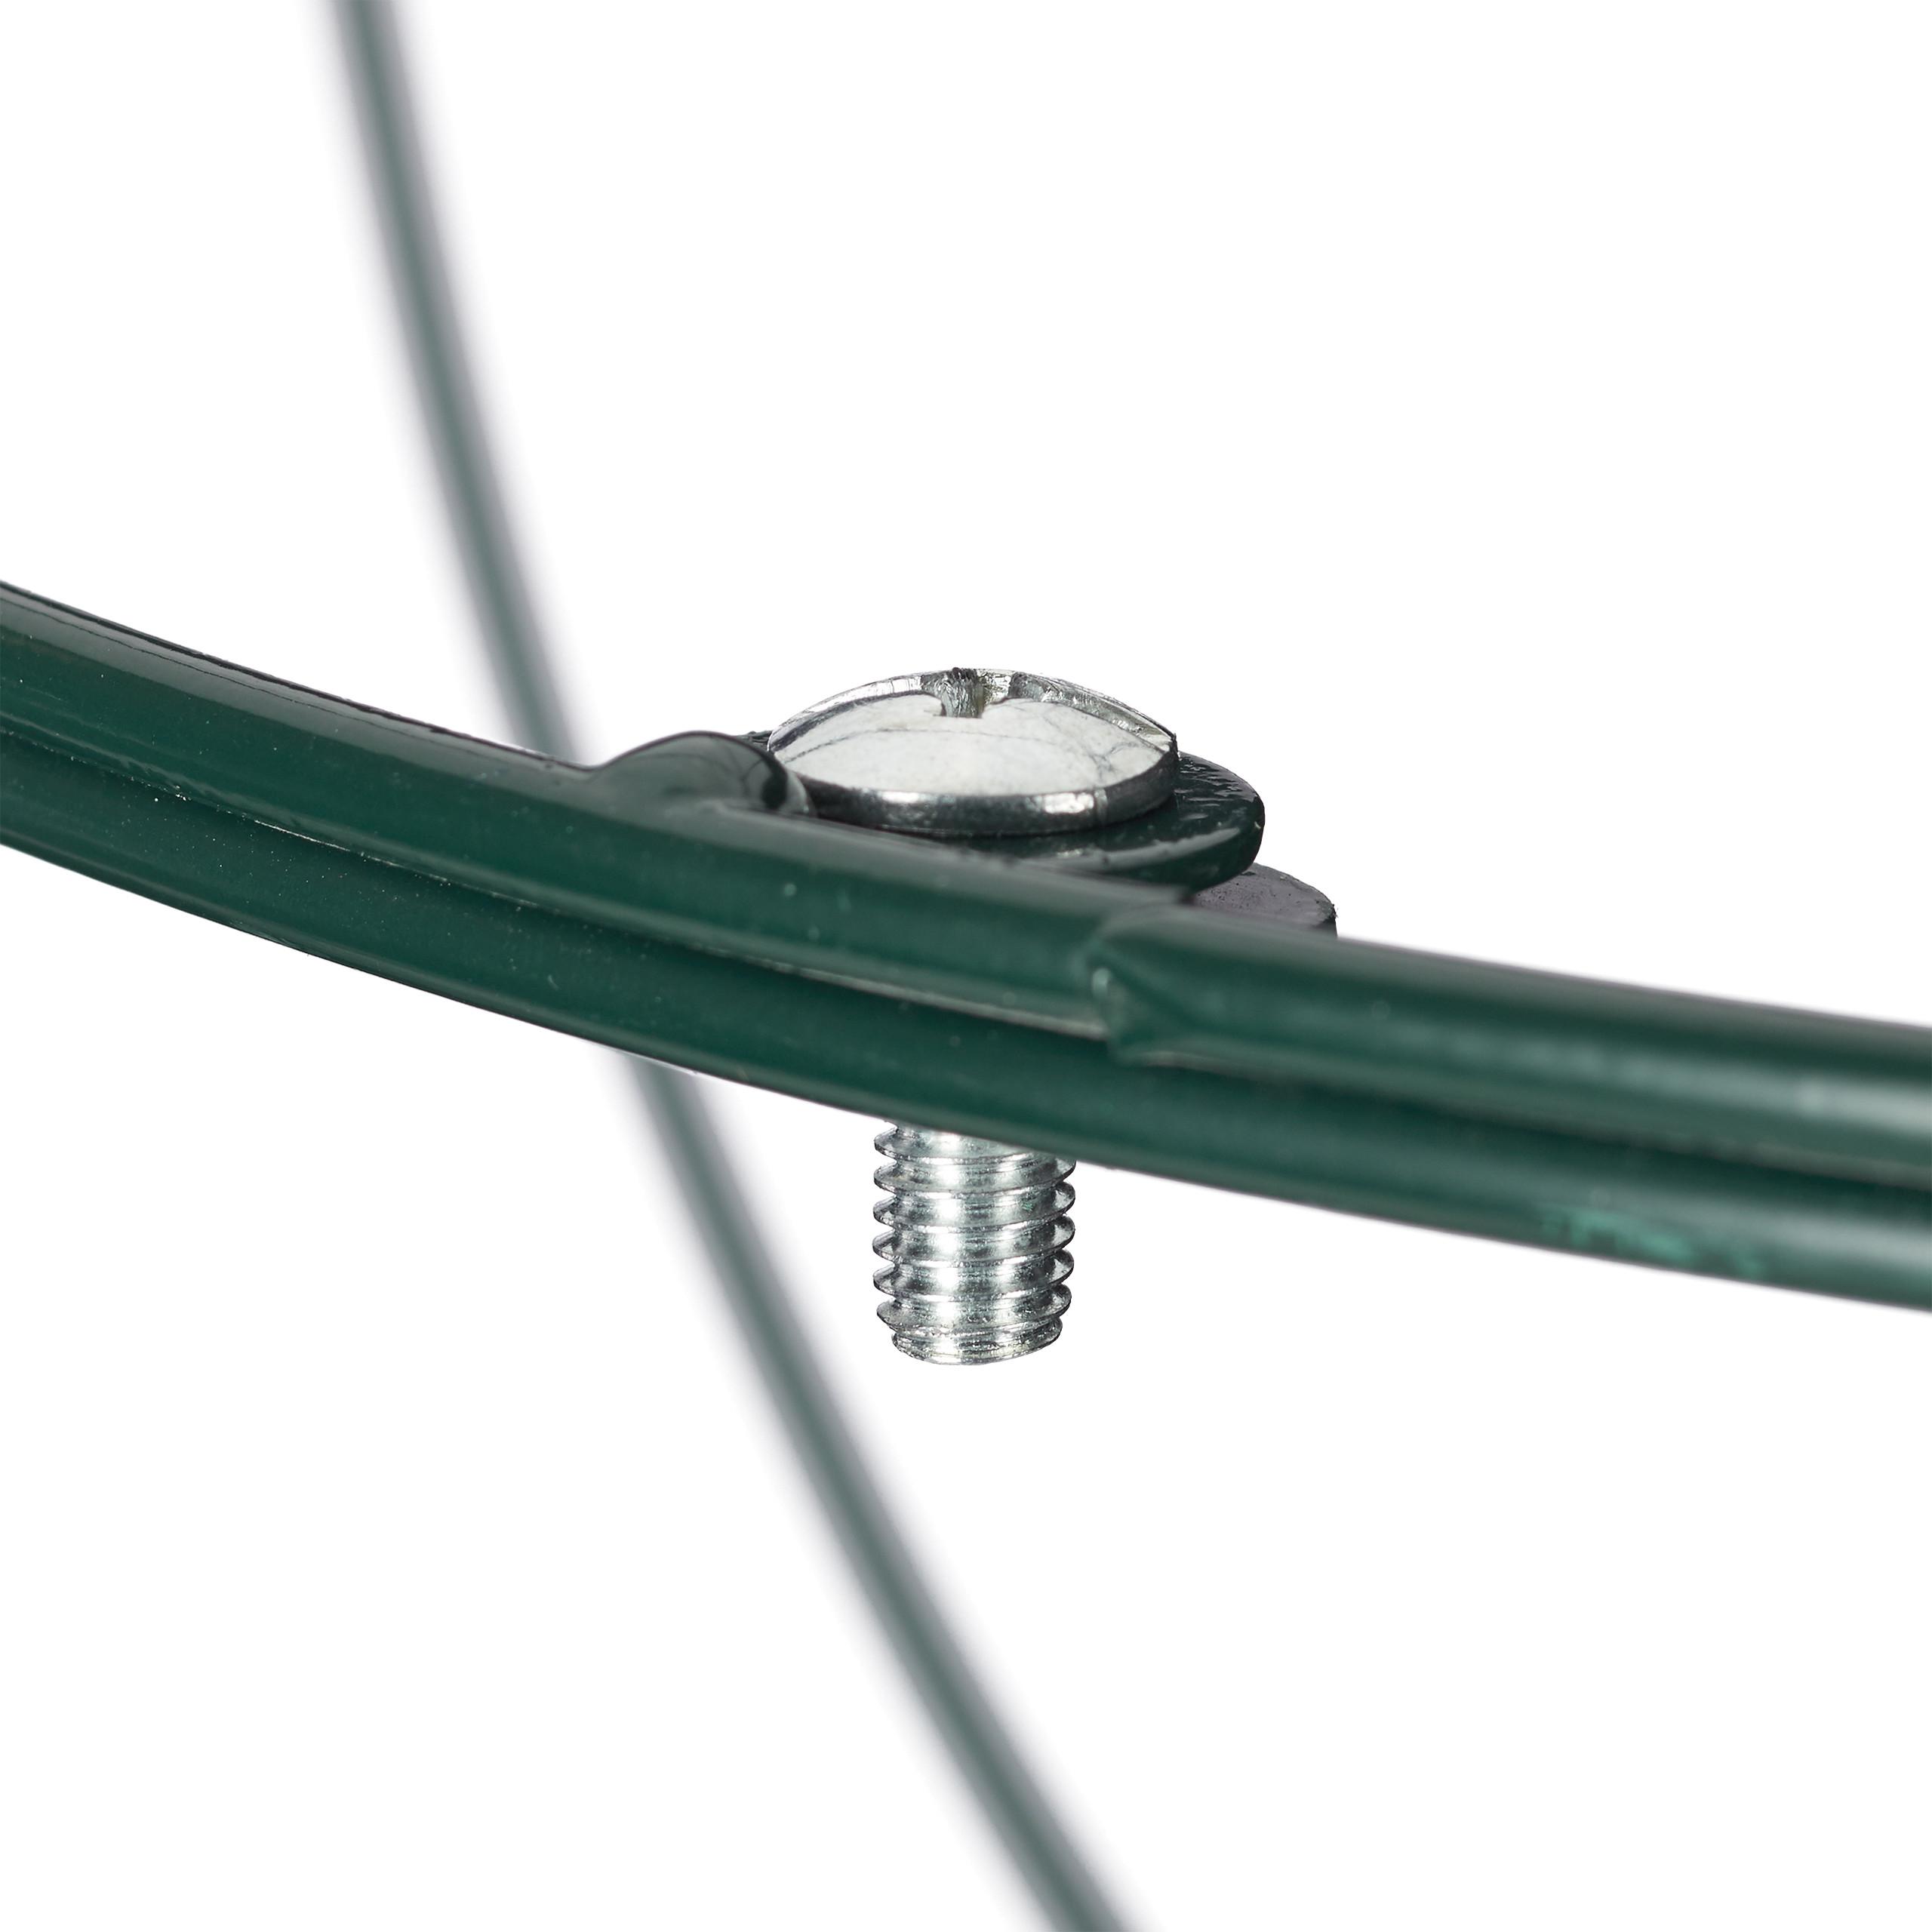 Rankhilfe Rankkugel Rankobelisk Rosengitter Metall Pflanzengitter 2er Set rund